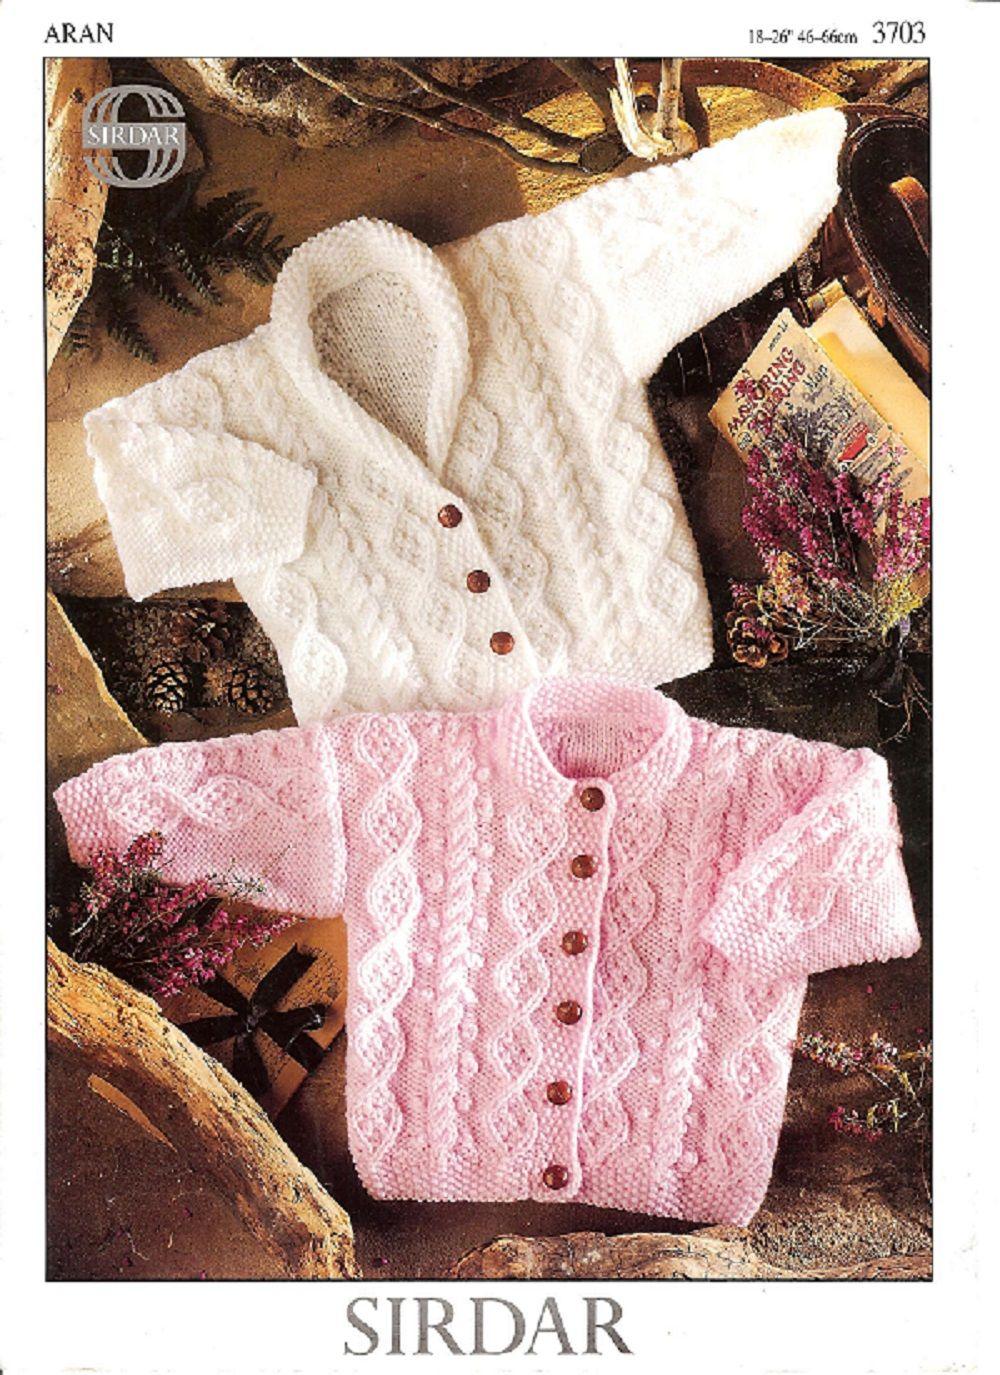 Sirdar knitting pattern 3703 aran baby round neck shawl collar sirdar knitting pattern 3703 aran baby round neck shawl collar v neck cardigans bankloansurffo Choice Image